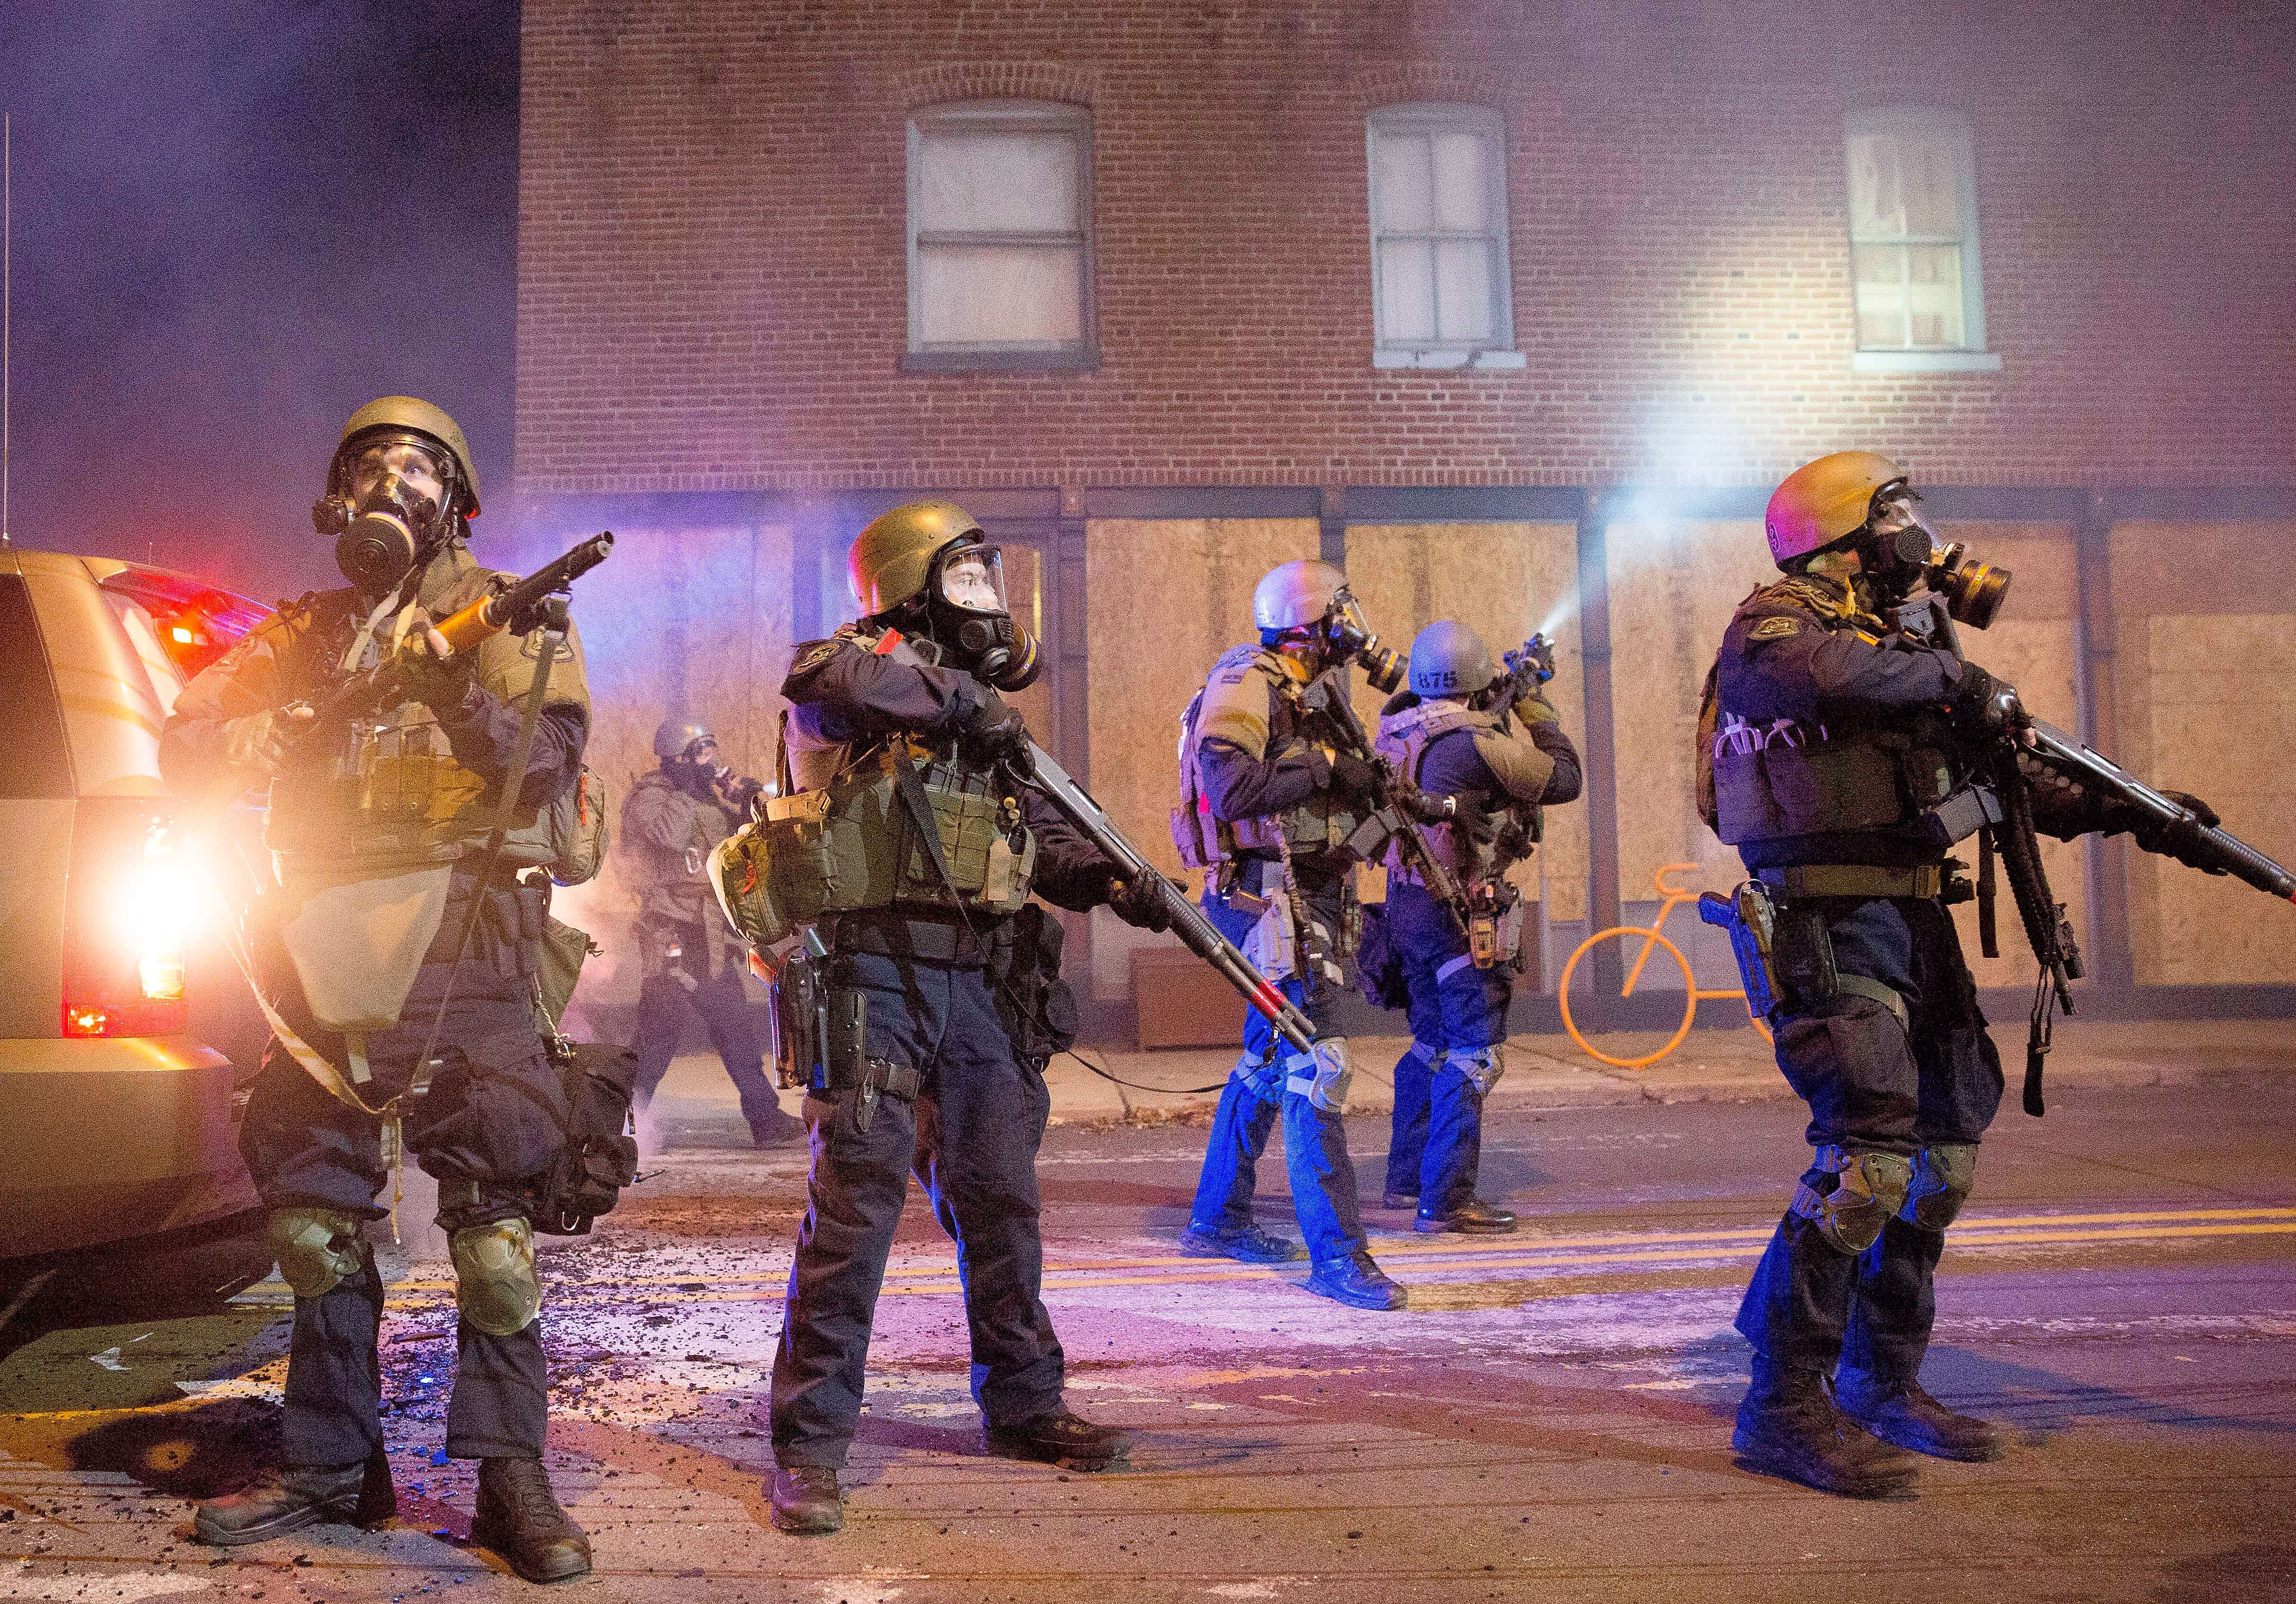 STIRI EXTERNE PE SCURT. Noi proteste in orasul Ferguson; autoritatile din Bolivia au distrus aparatele de jocuri de noroc